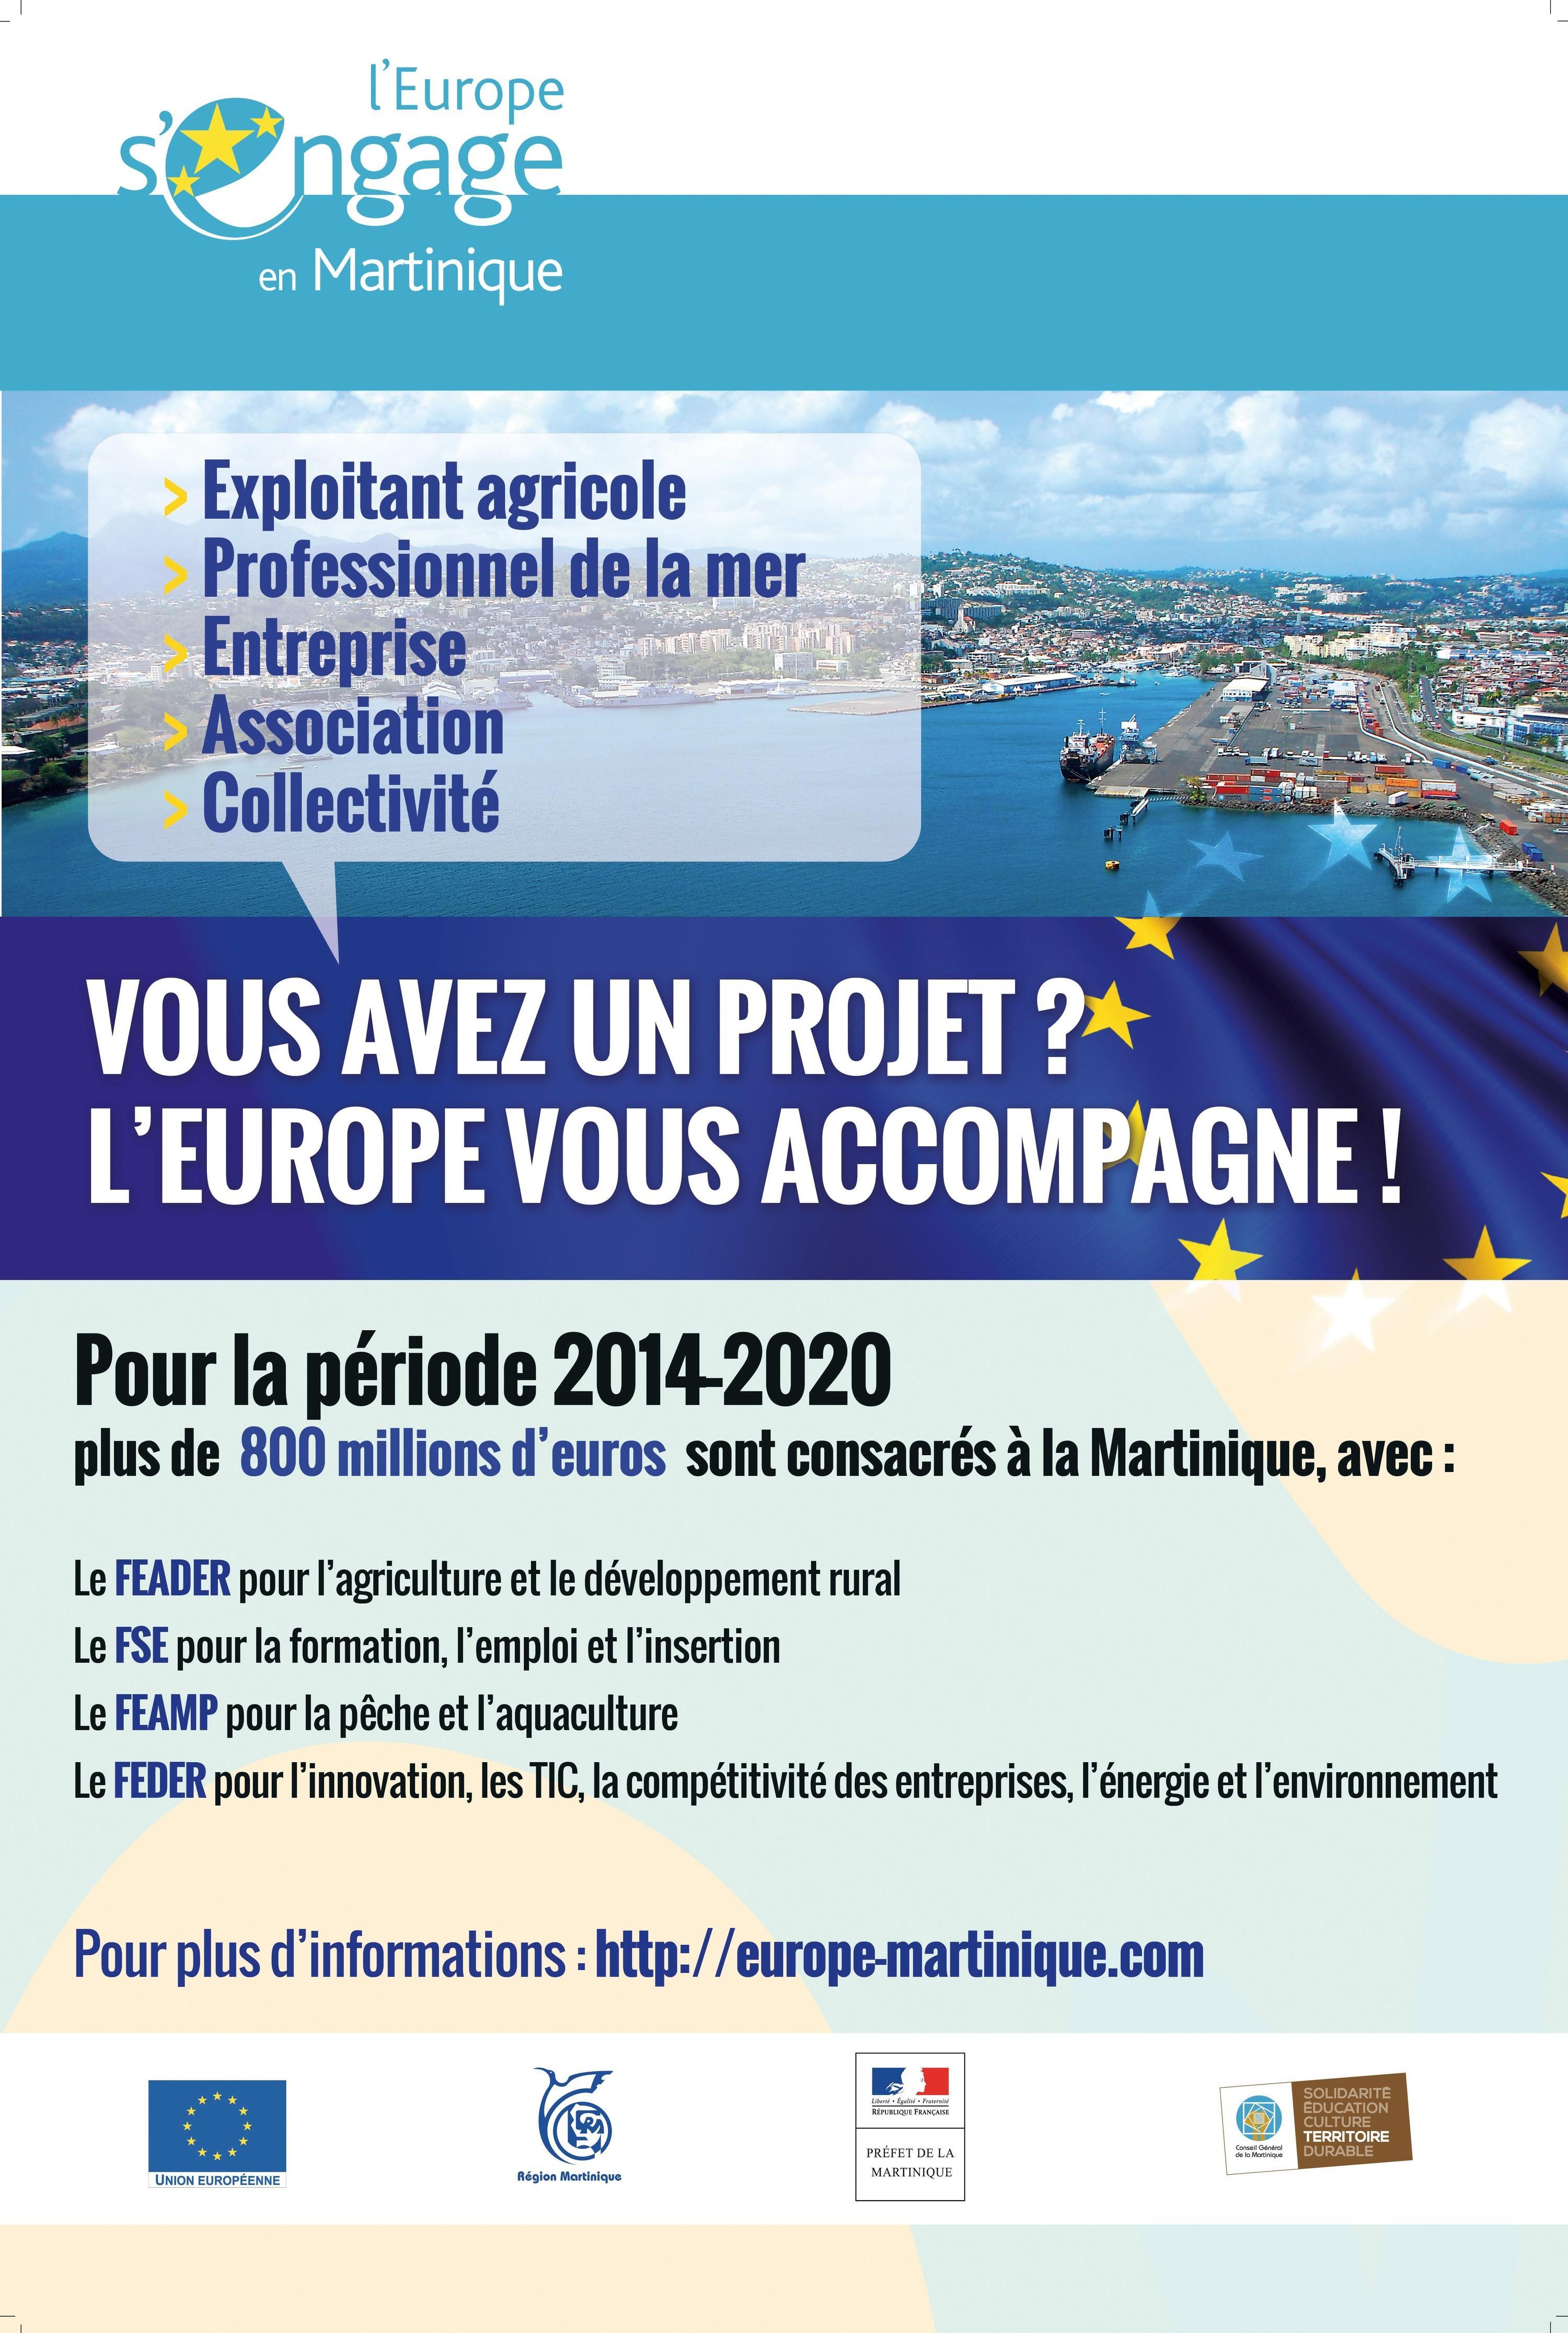 <stamp theme='his-green2'>Doc. 1</stamp> Les actions de l'UE en Martinique pour la période 2014-2020